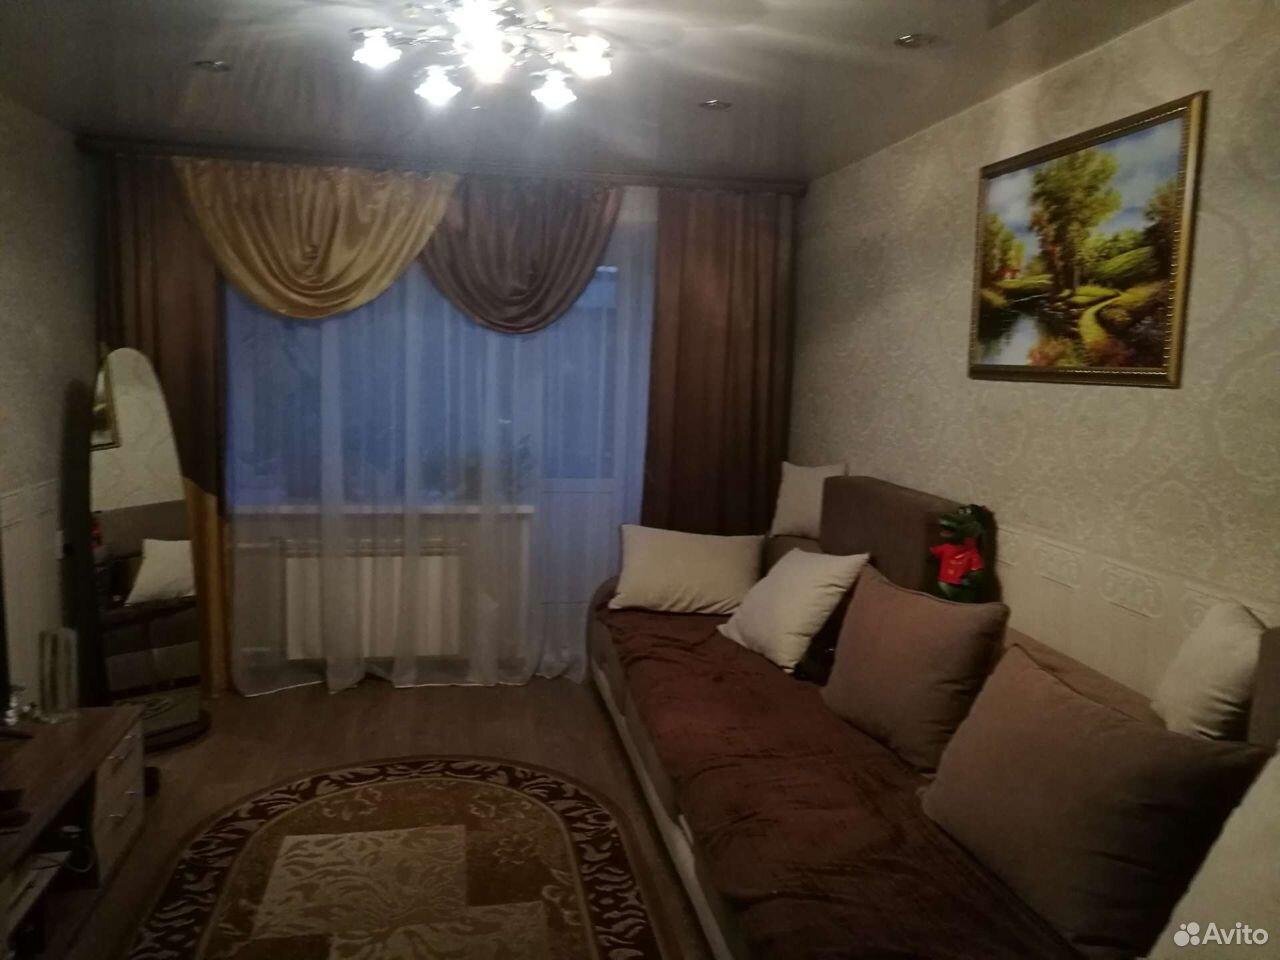 3-к квартира, 63.7 м², 2/2 эт.  89618940544 купить 1